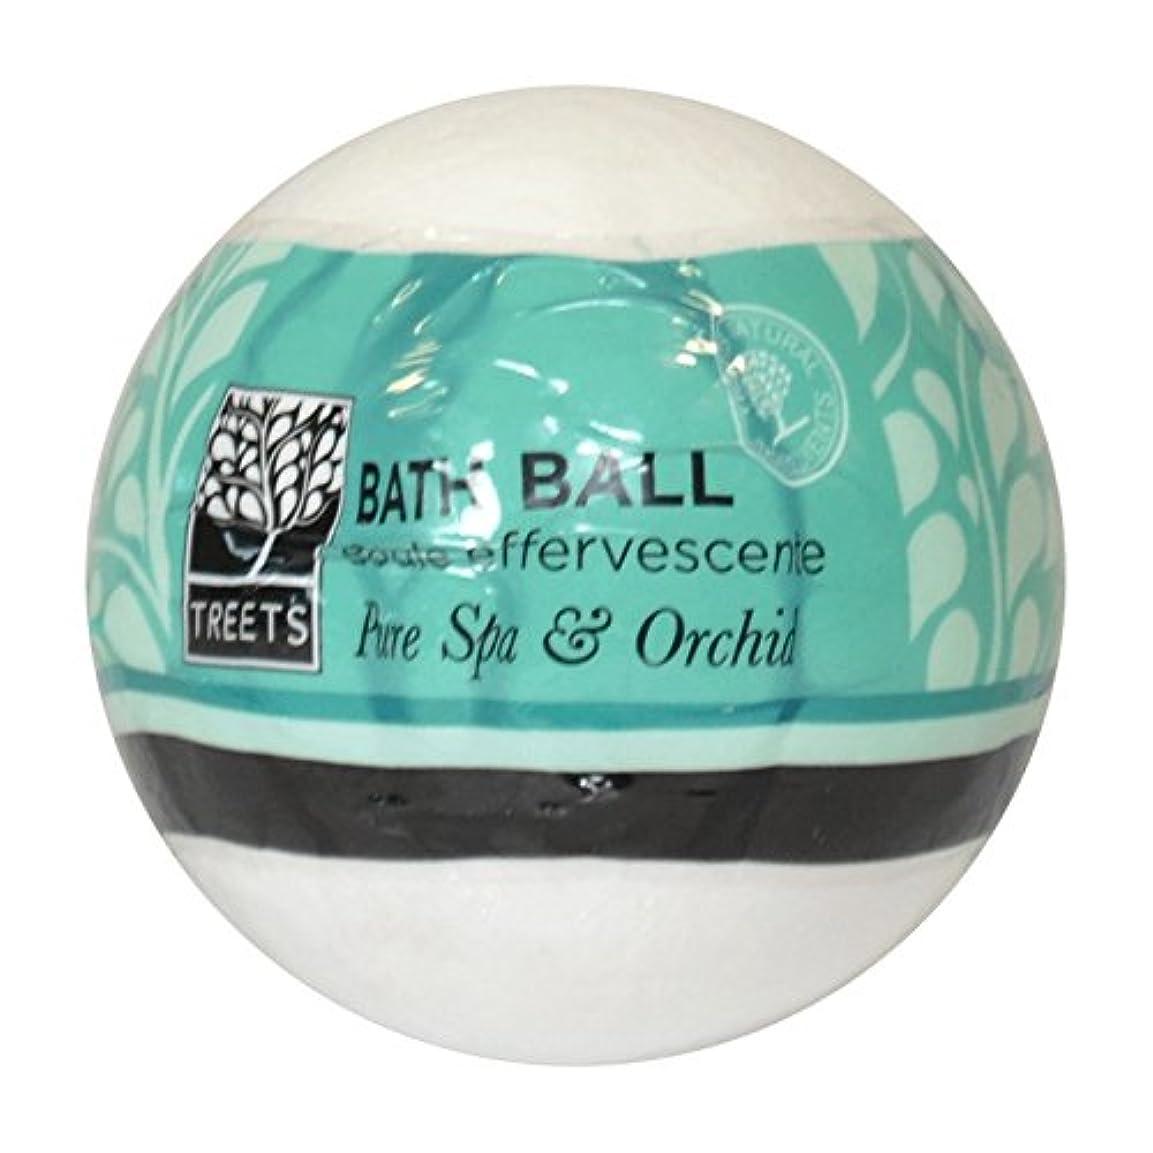 火曜日欲望拒絶Treets蘭&純粋なスパバスボール - Treets Orchid & Pure Spa Bath Ball (Treets) [並行輸入品]